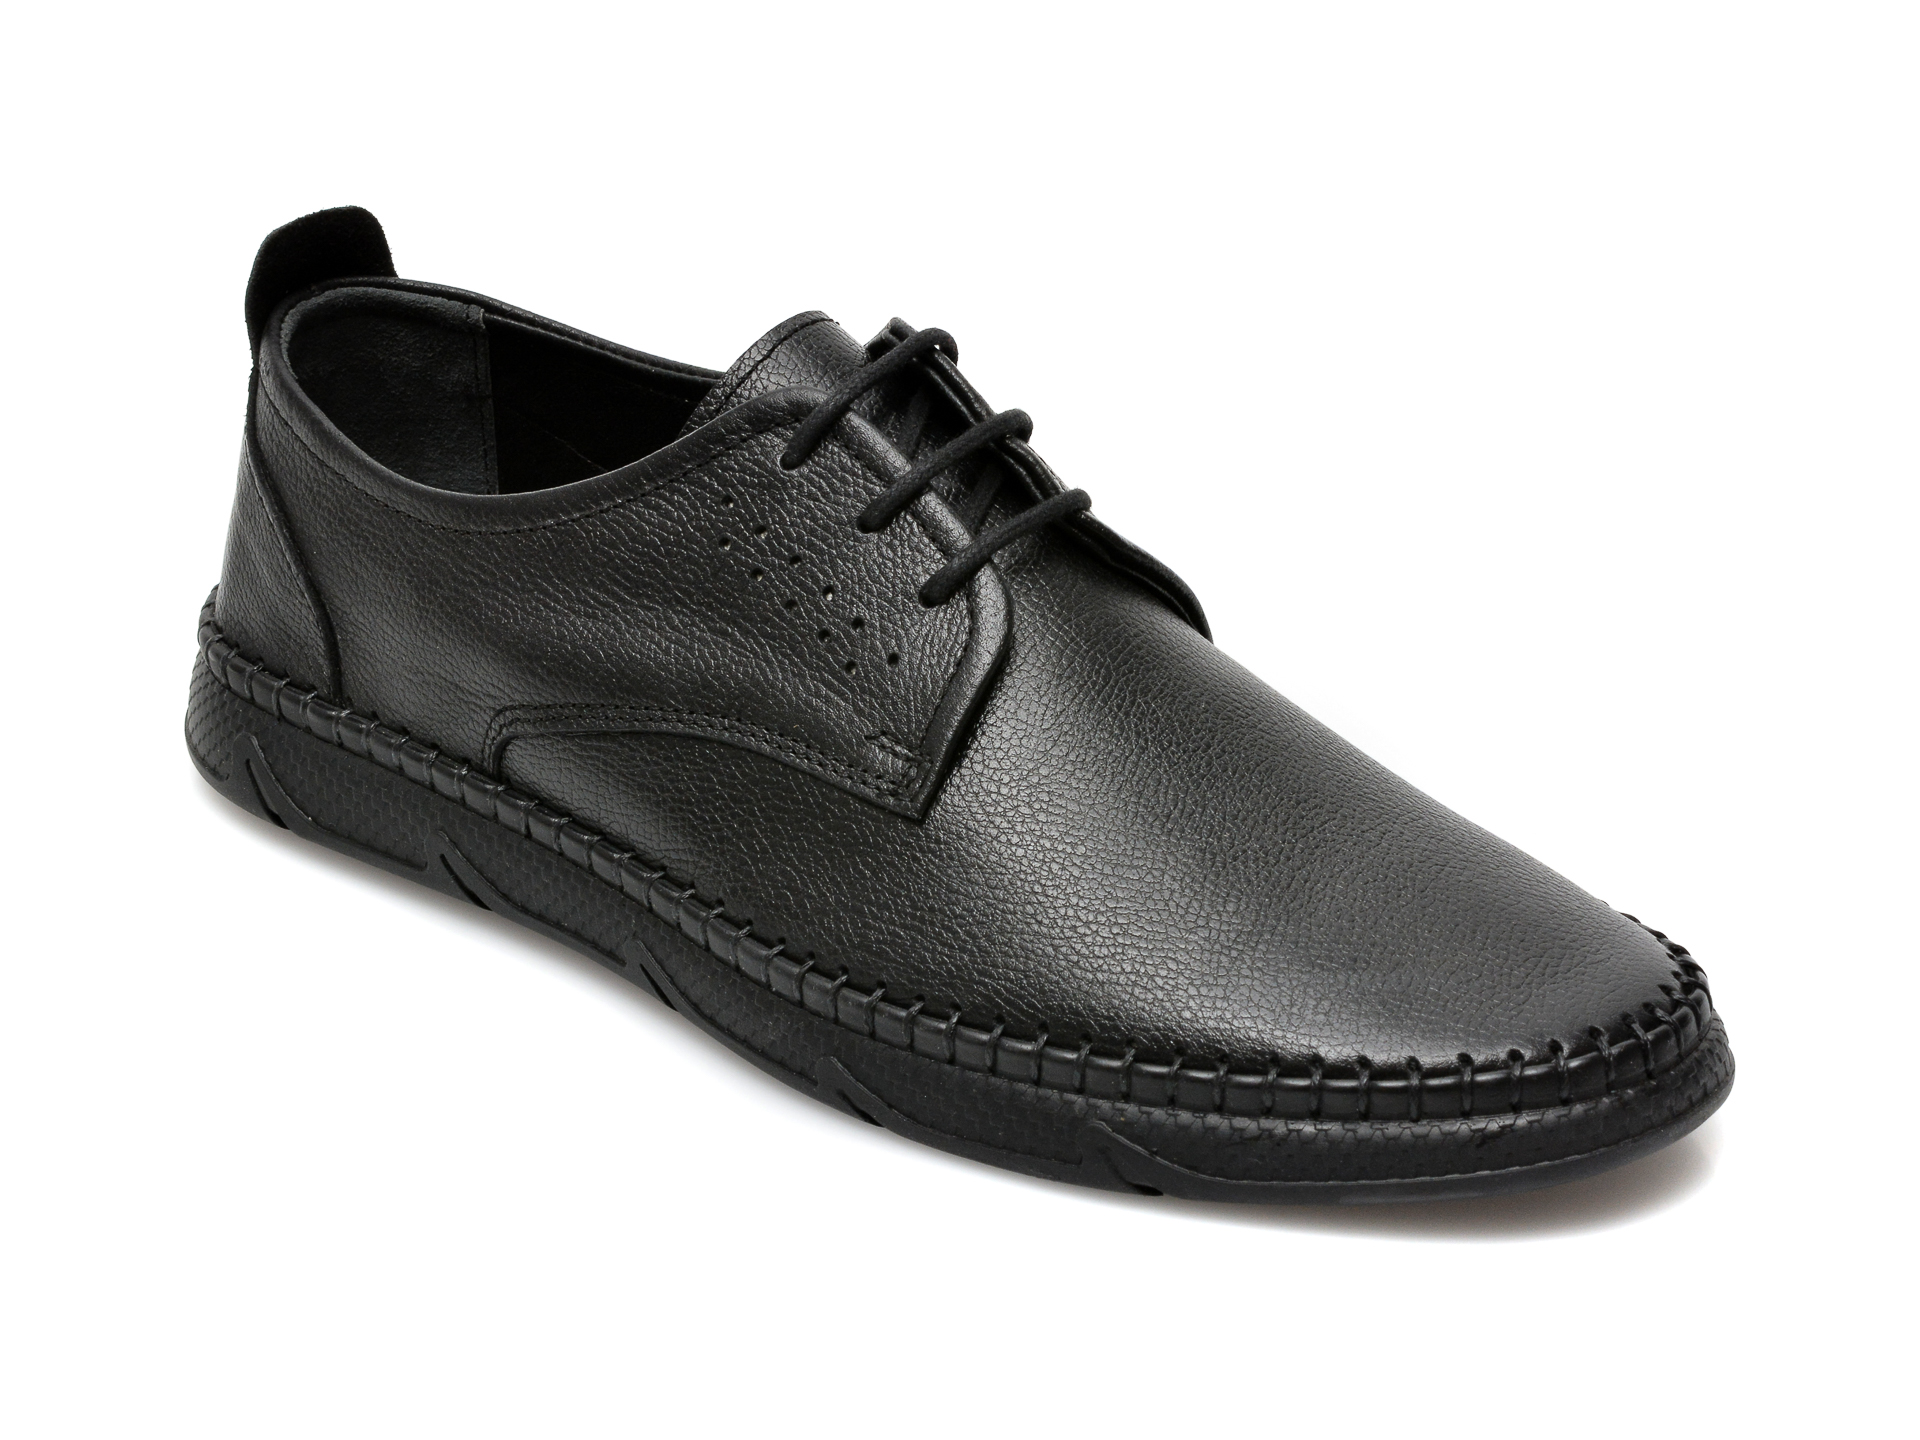 Pantofi OTTER negri, M5650, din piele naturala imagine otter.ro 2021